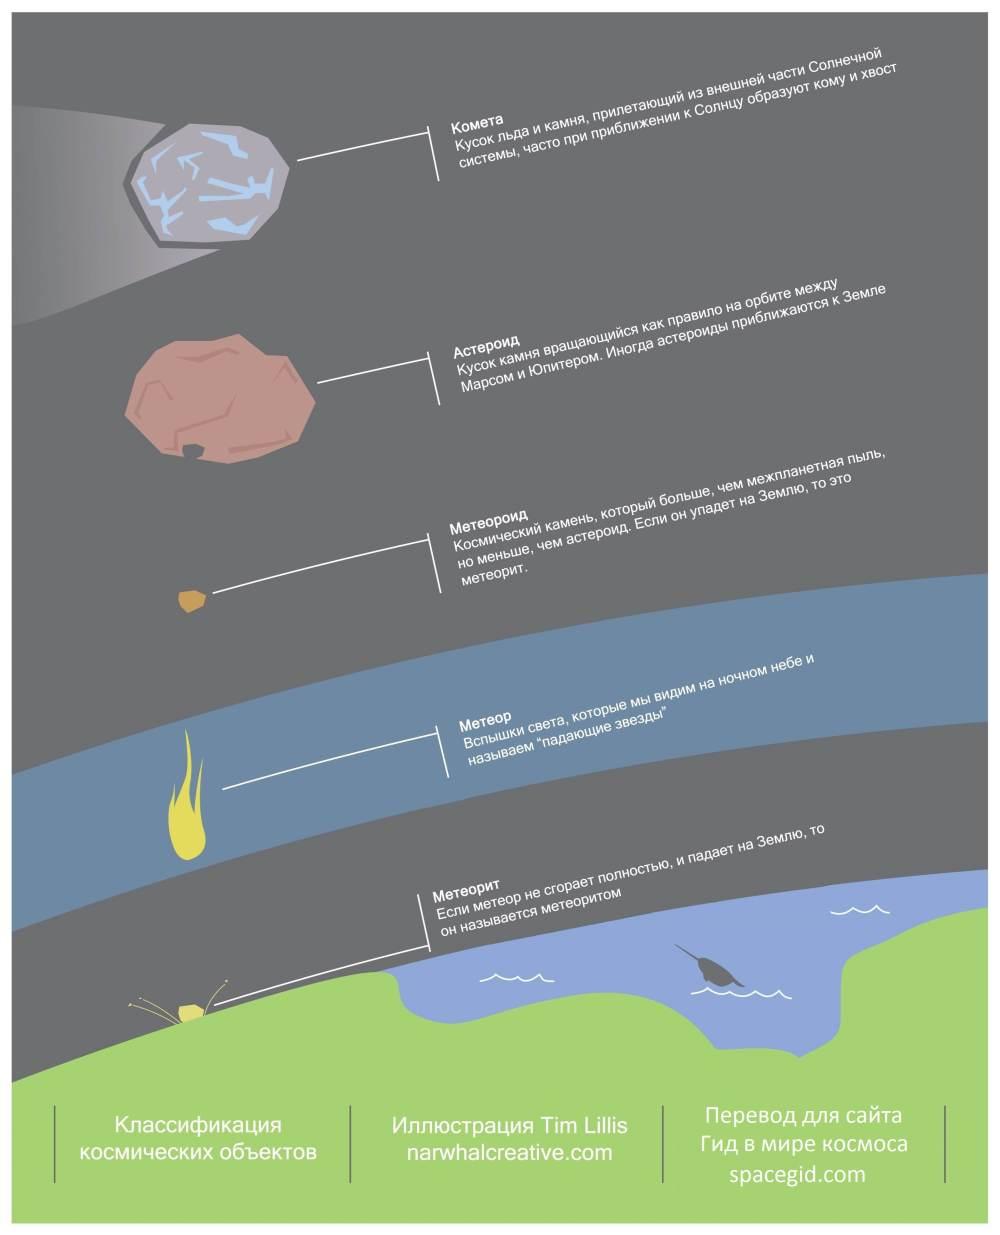 Кометы.астероиды.метеориты.метеоры варикоз анаболики